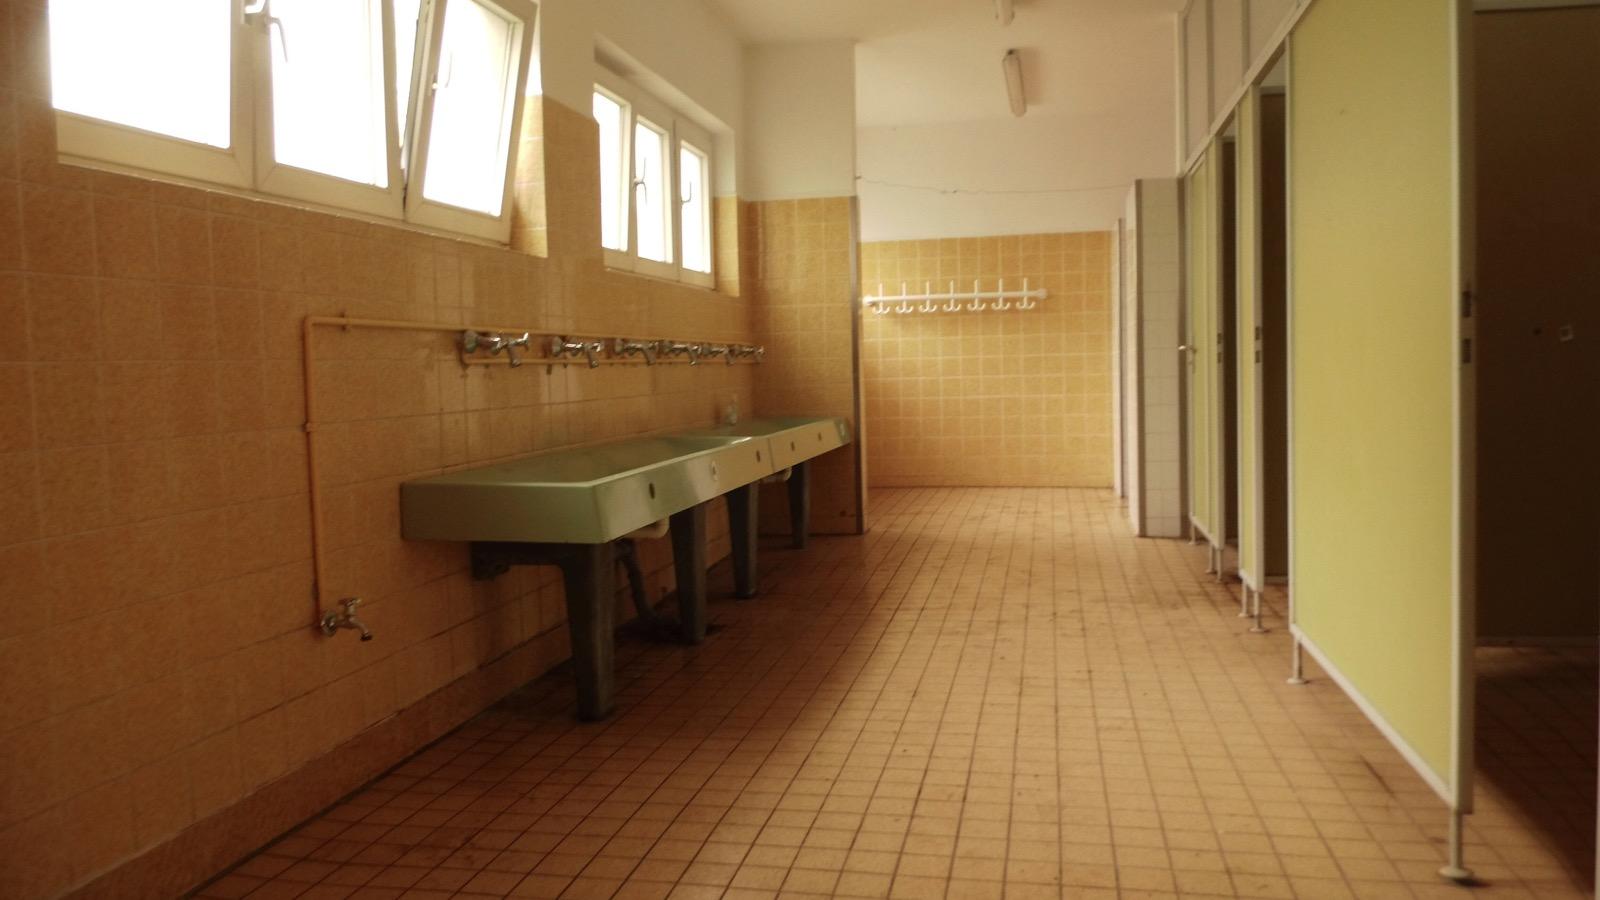 Toiletten_16zu9